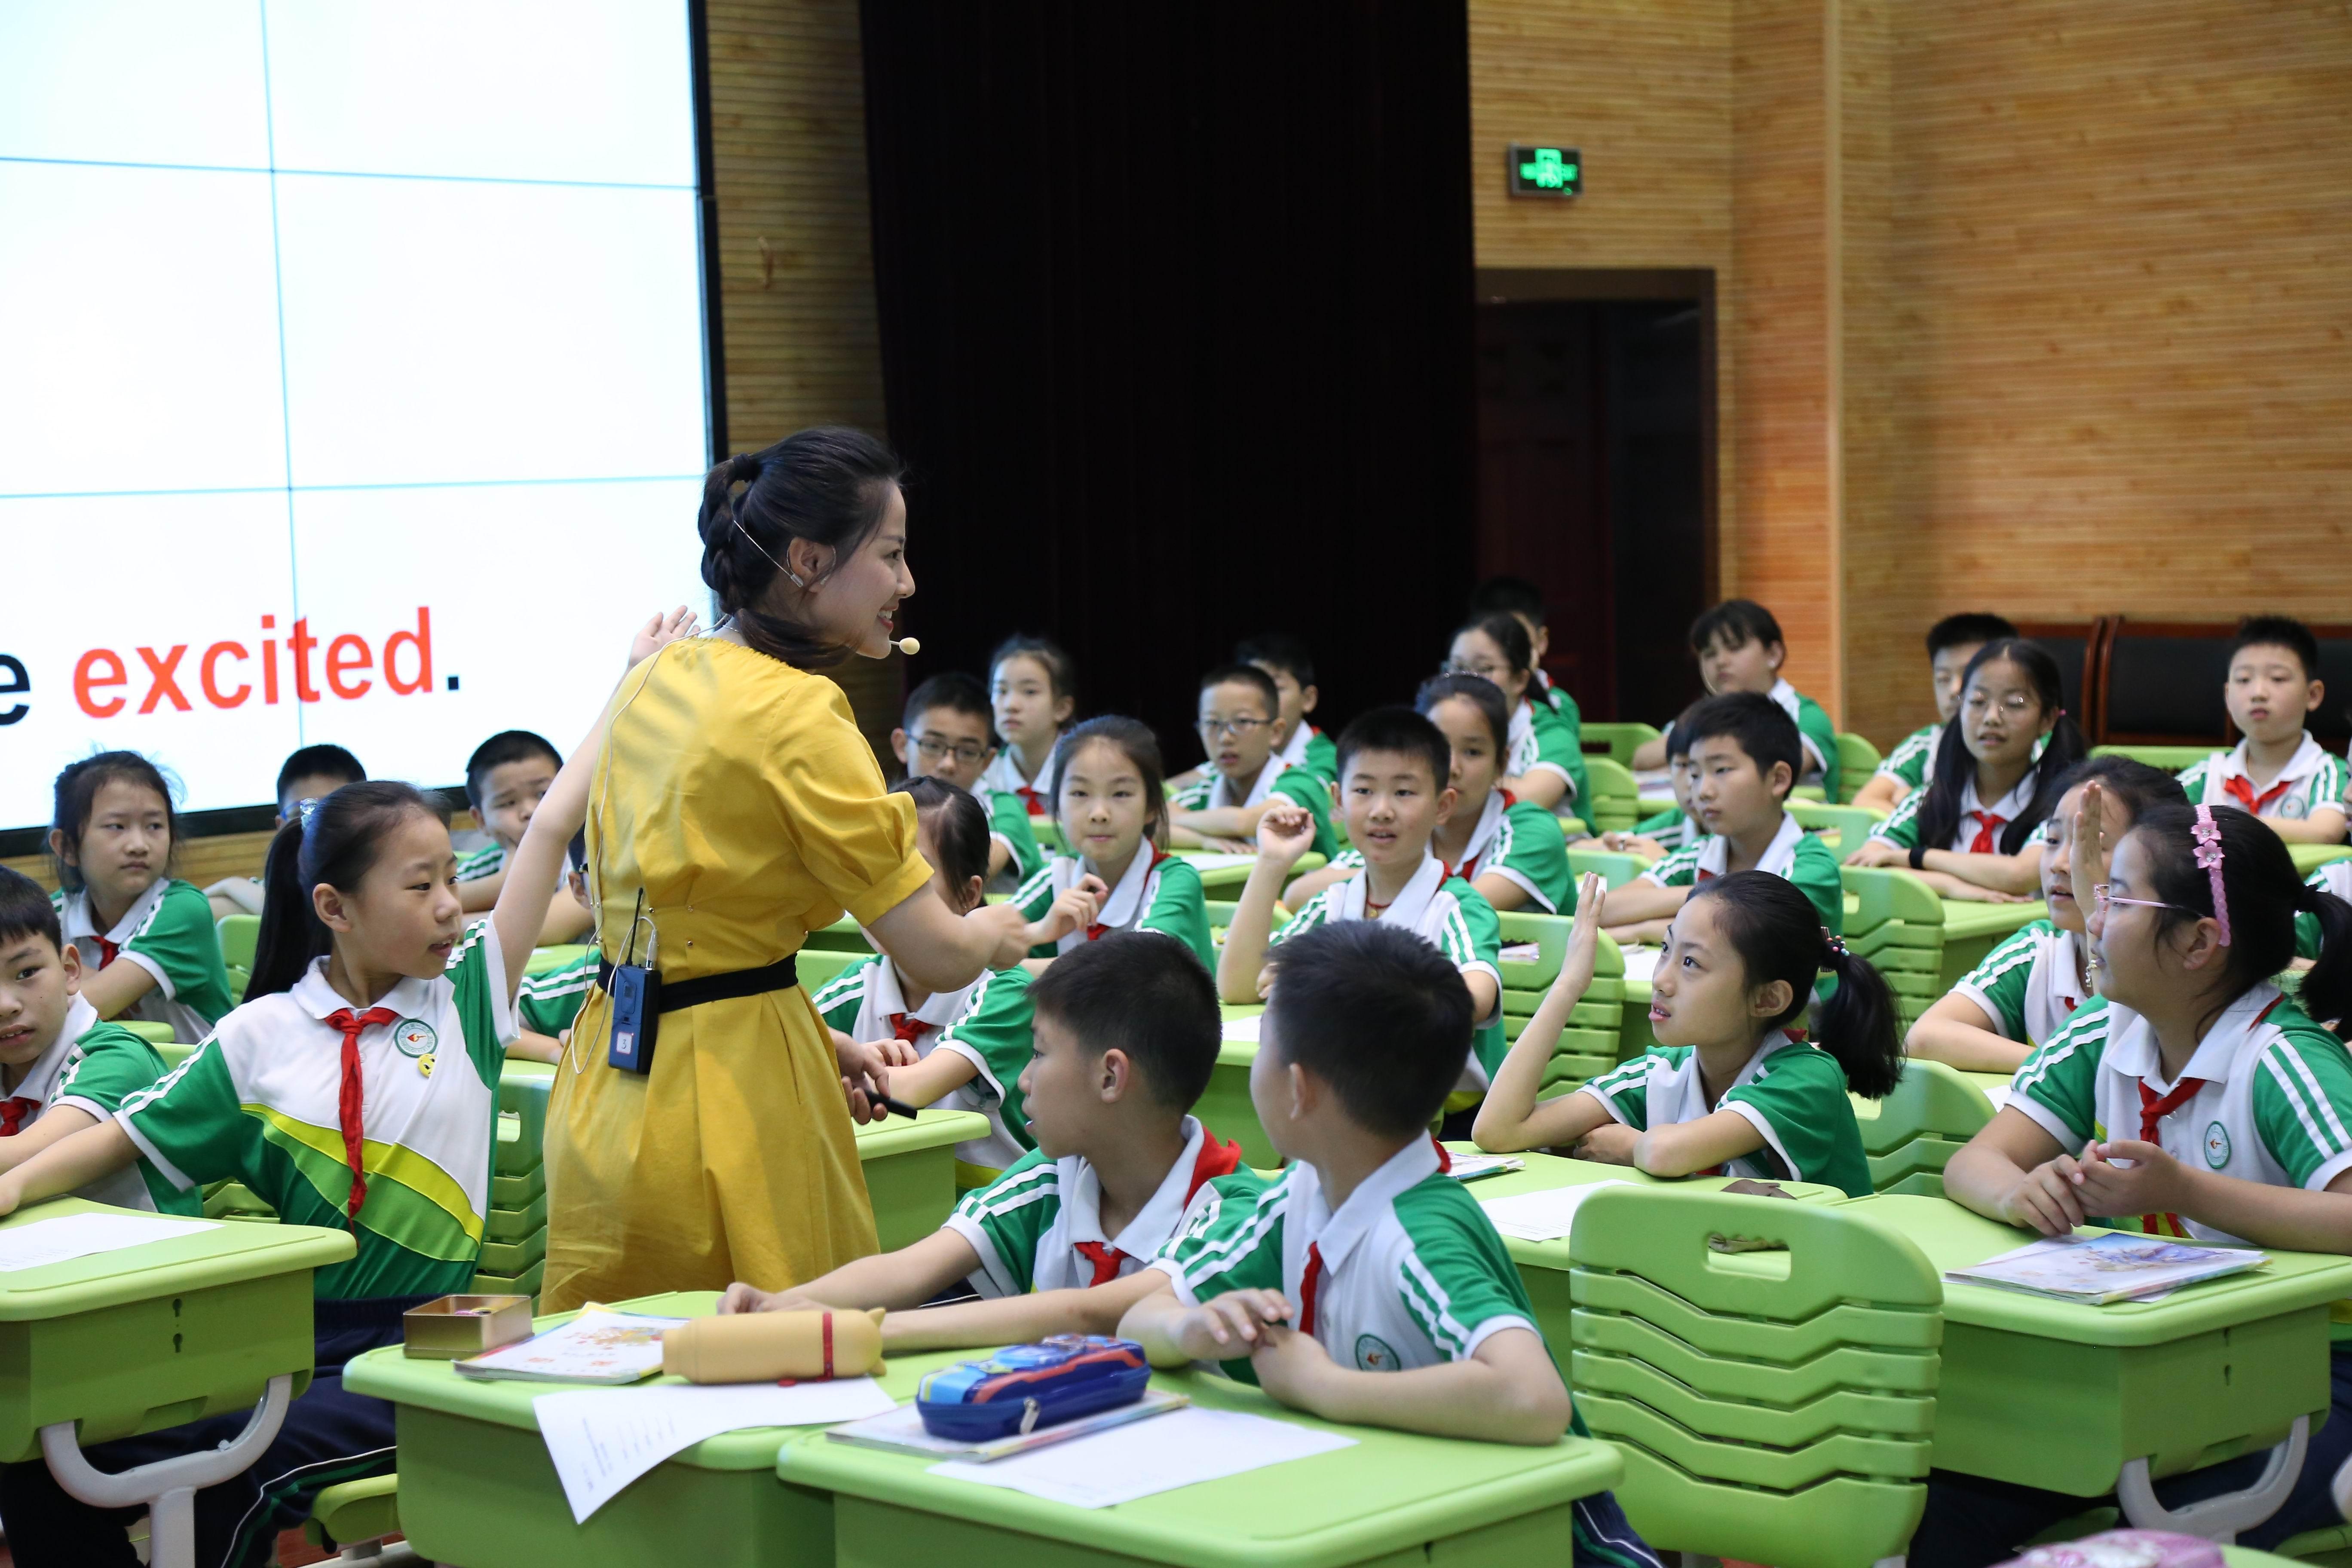 全国小学英语教师基本功大赛授课现场气氛热烈